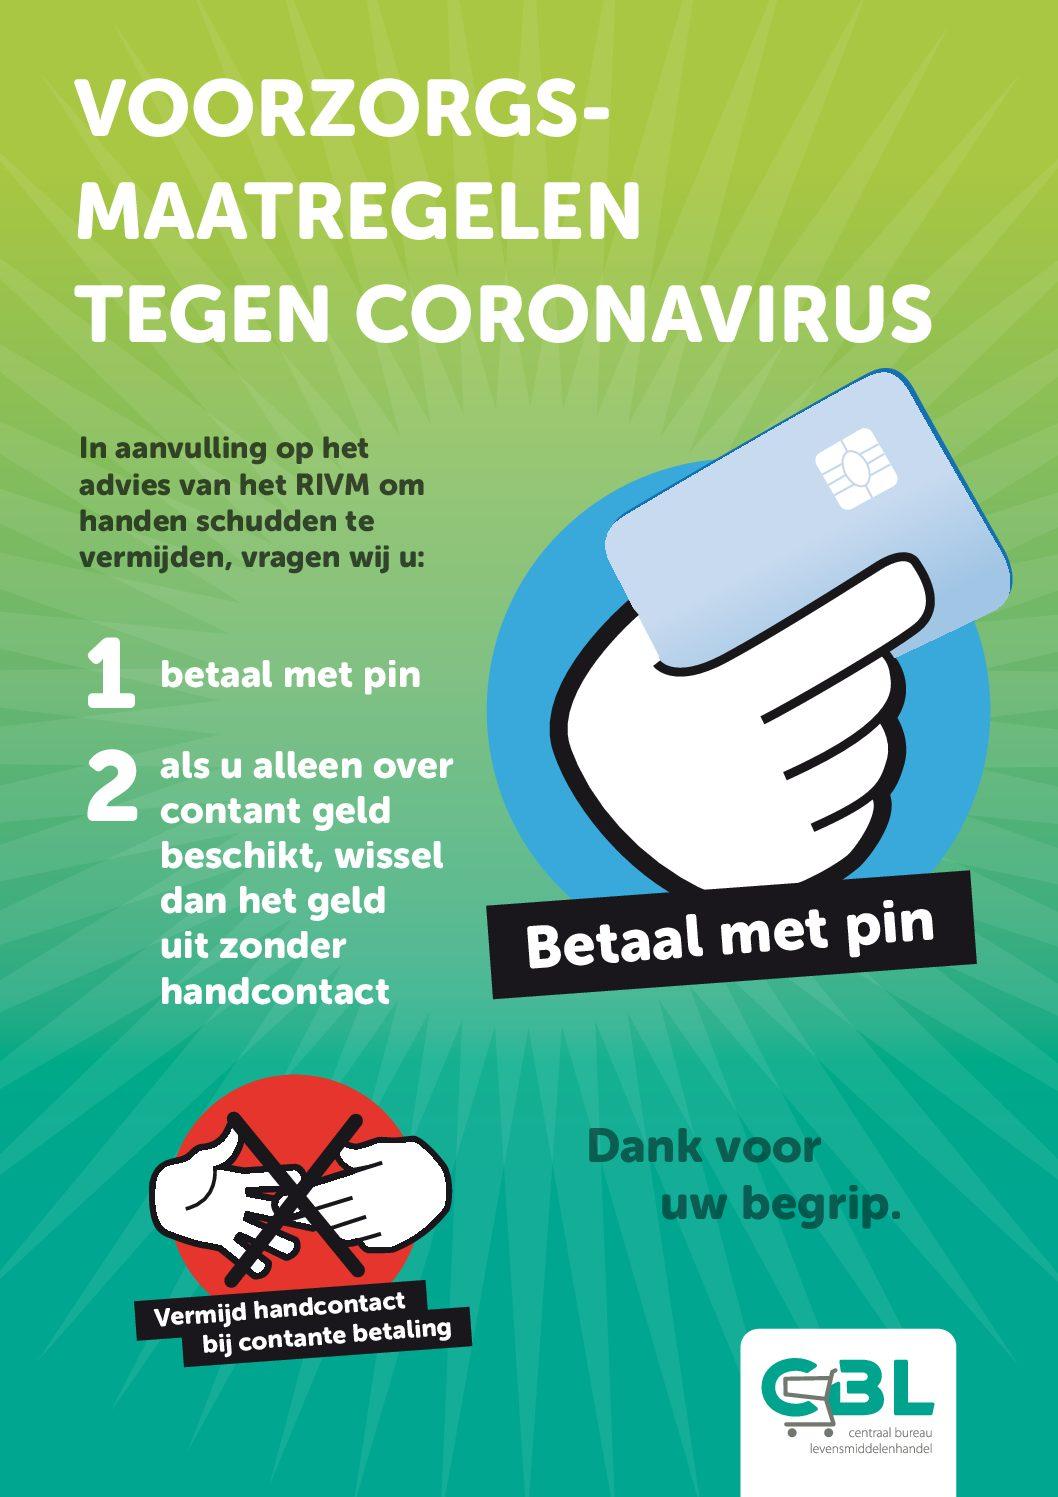 Pinnen als voorzorgsmaatregel tegen coronavirus - CBL